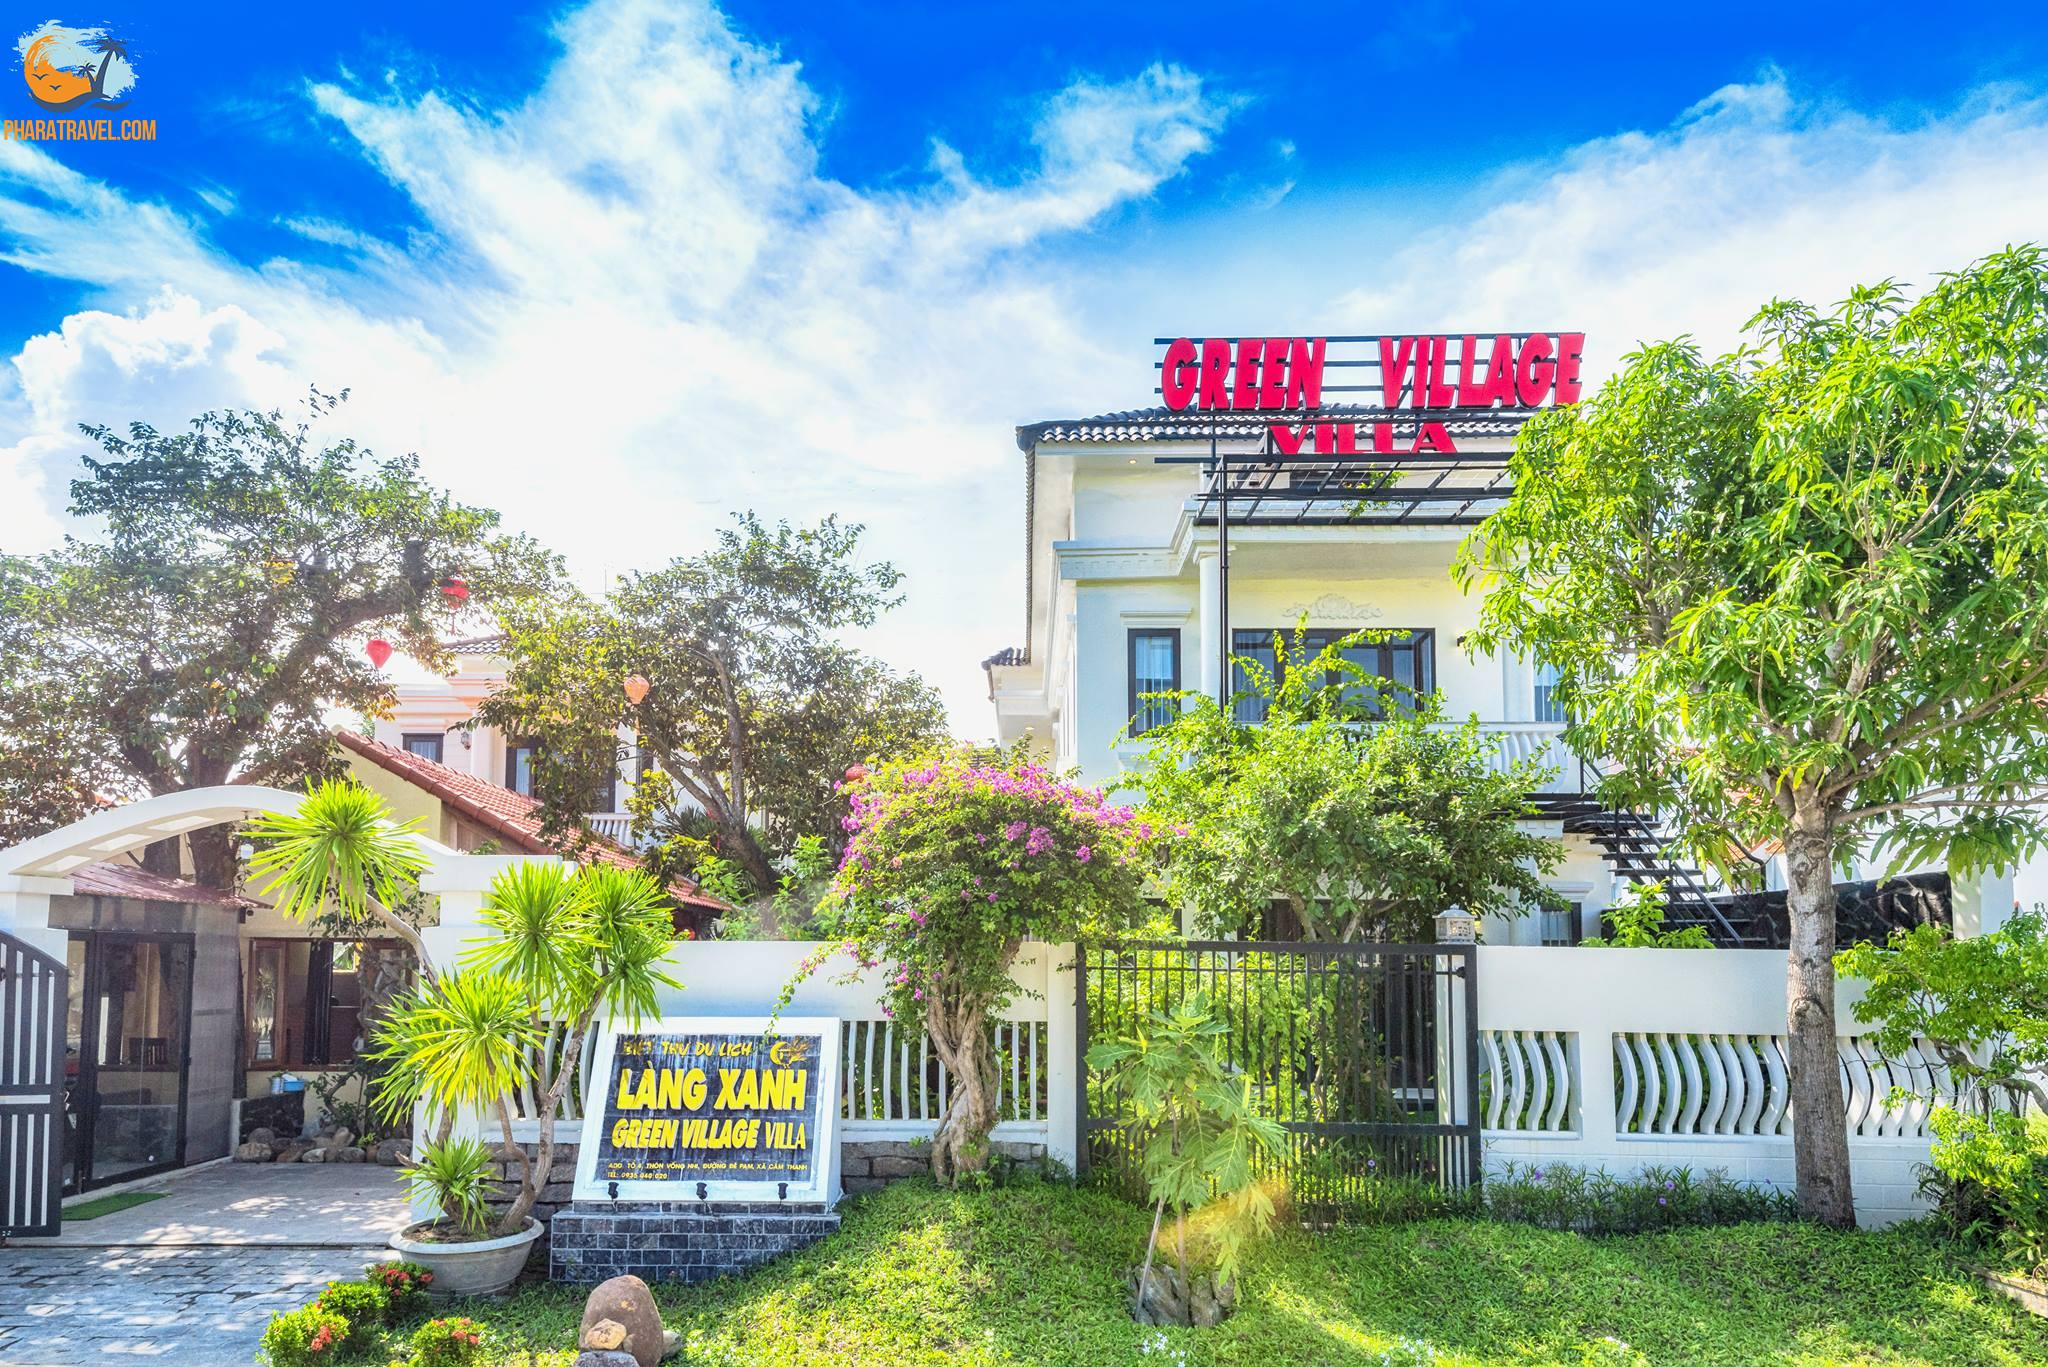 Top 20 biệt thự villa Hội An giá rẻ chất lượng chỉ từ 350k/đêm